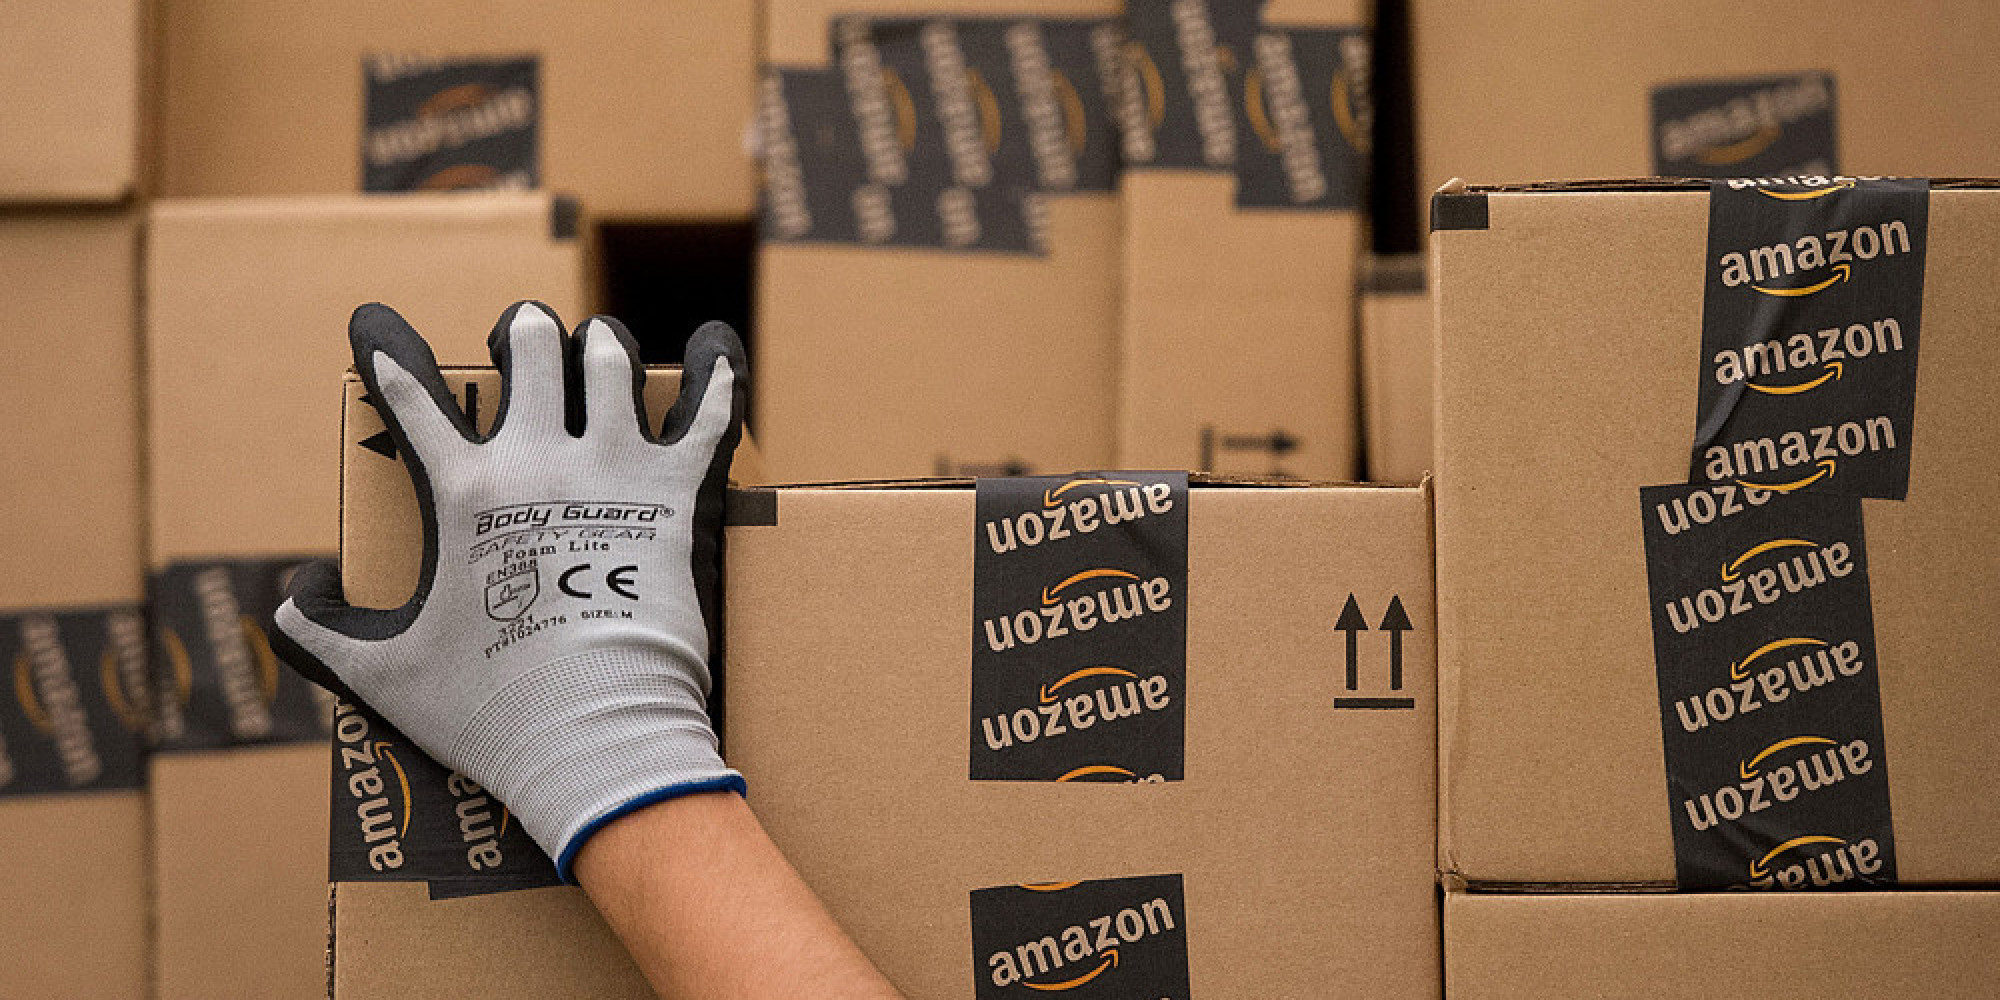 Amazon Prime Day migliori offerte